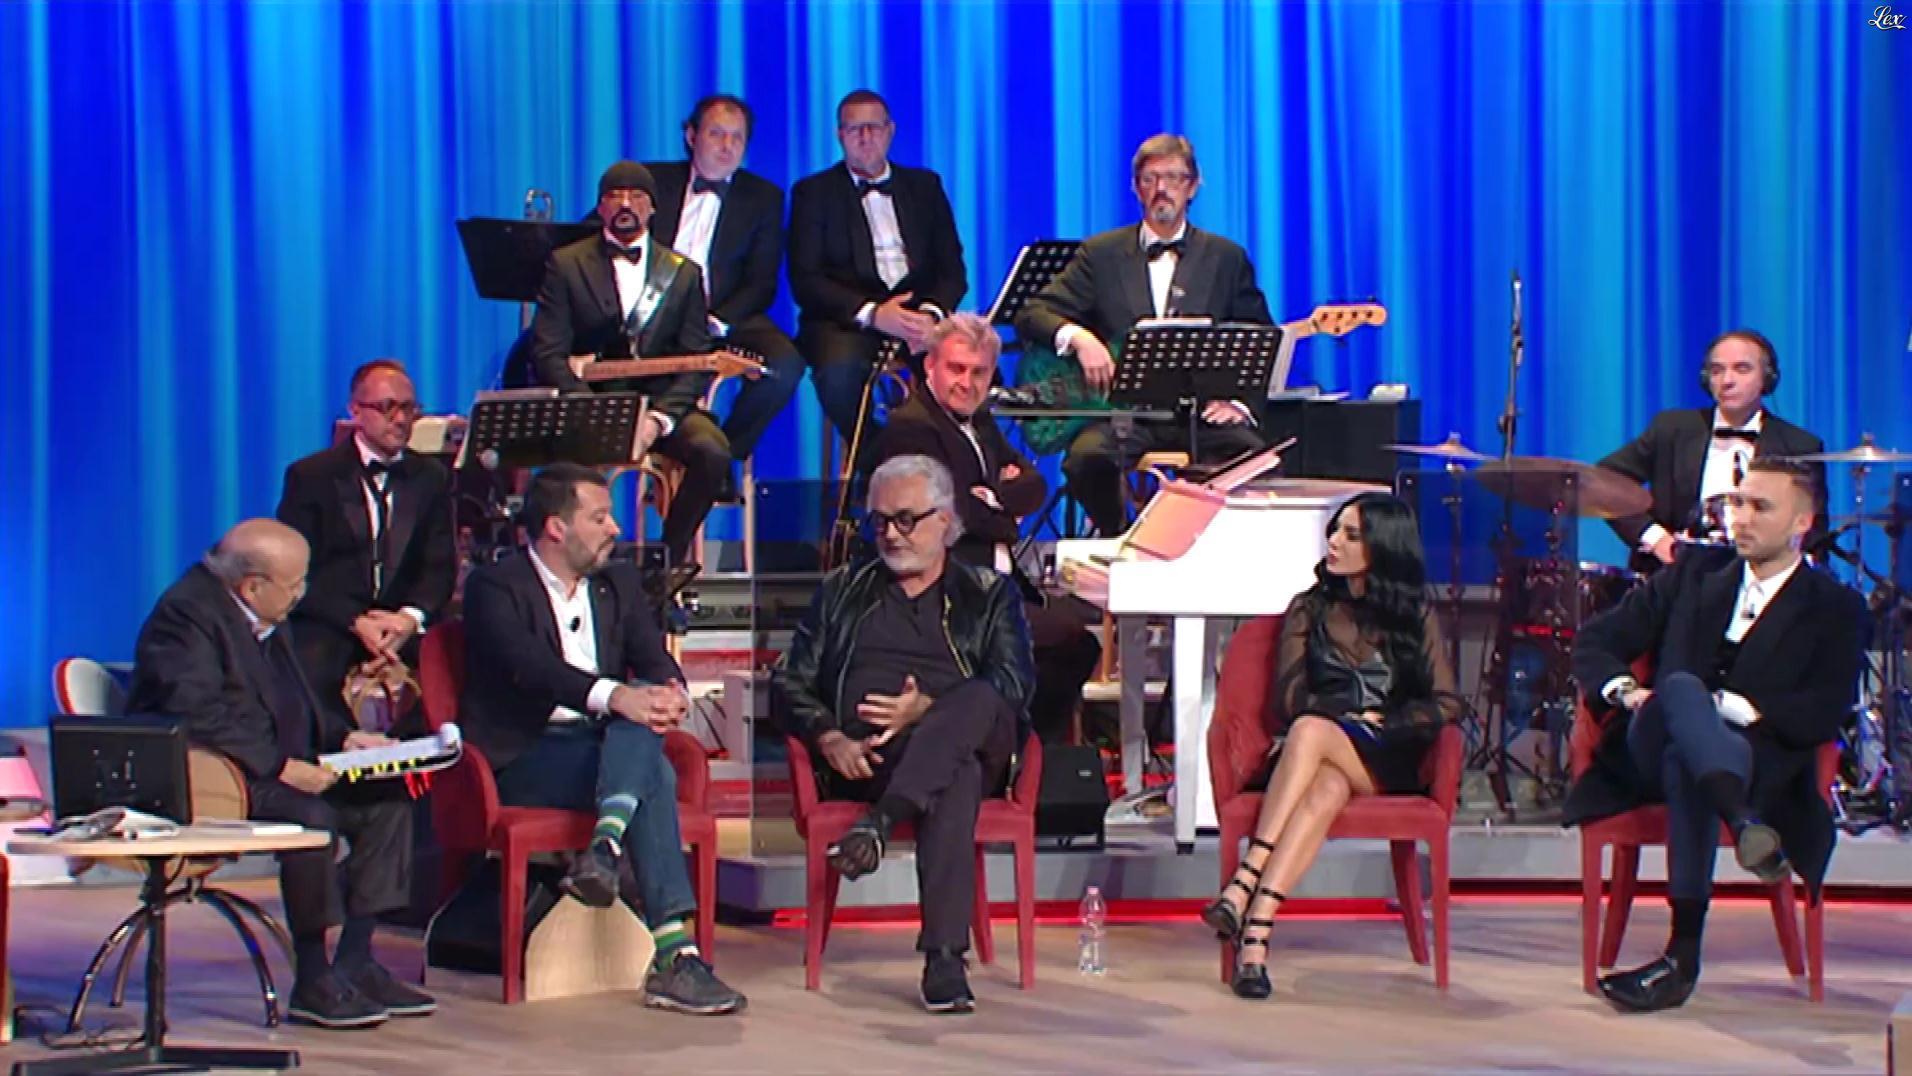 Giulia de Lellis dans le Maurizio Costanzo Show. Diffusé à la télévision le 13/11/19.